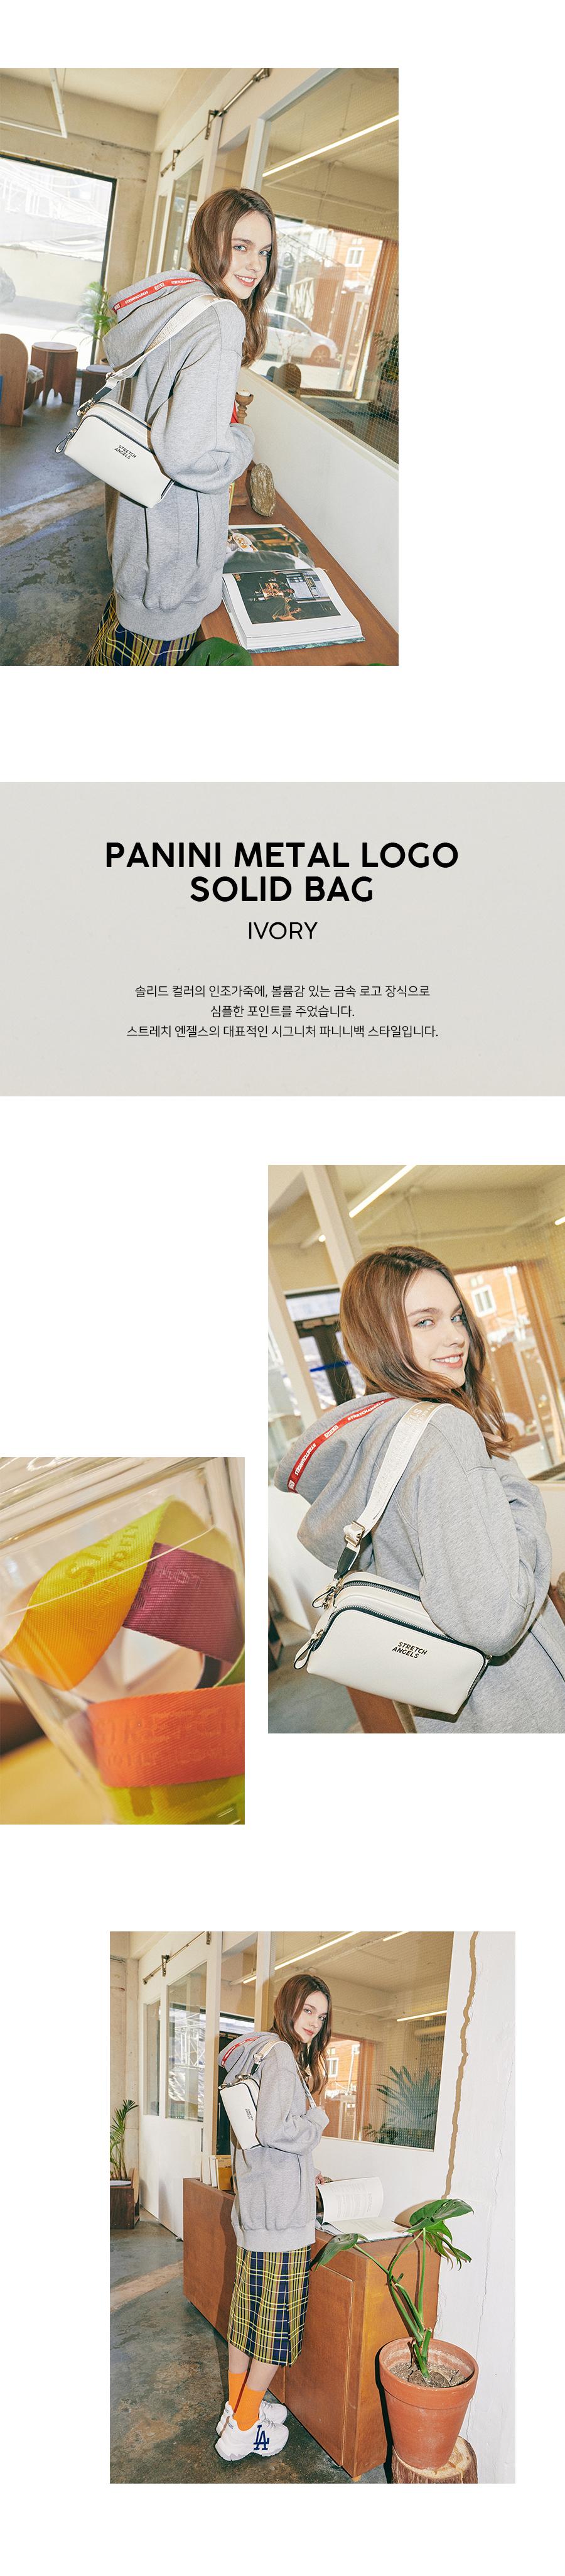 스트레치 엔젤스(STRETCH ANGELS) [파니니백]PANINI metal logo solid bag (Ivory)